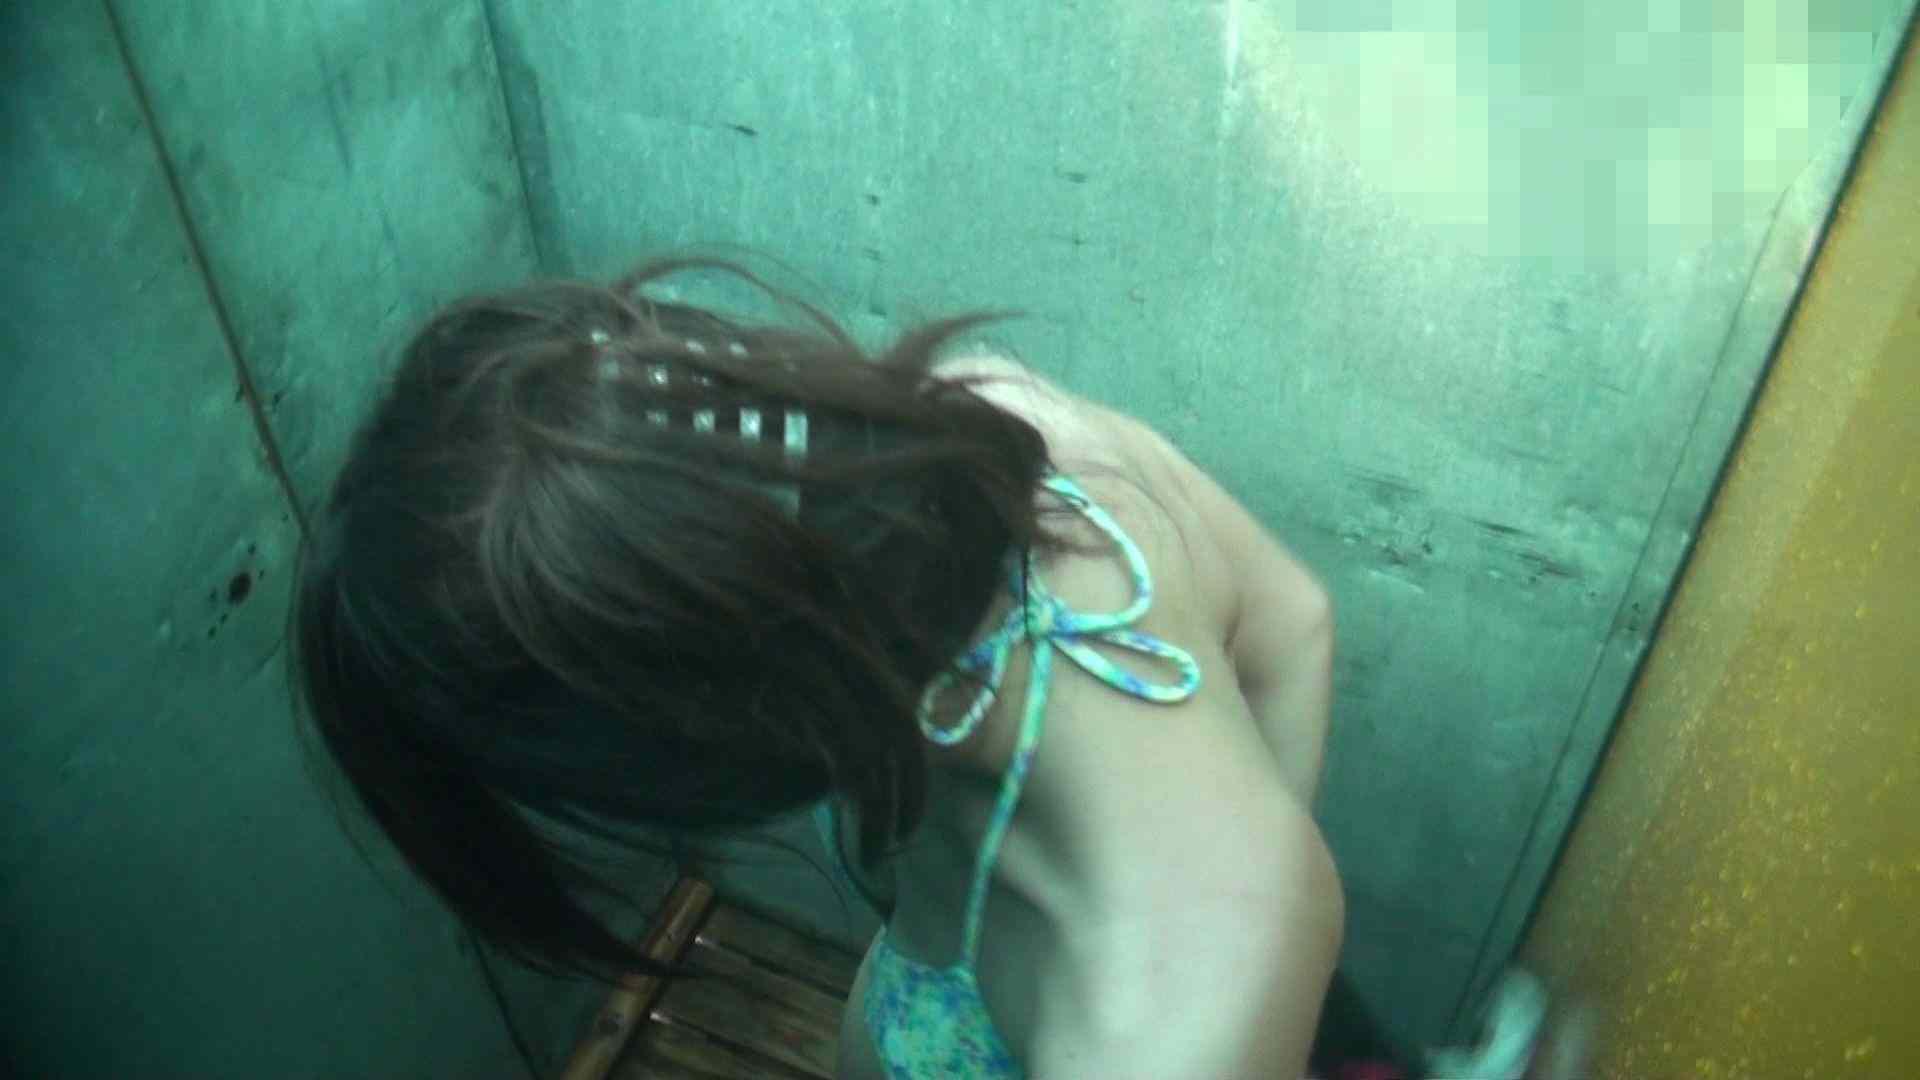 シャワールームは超!!危険な香りVol.15 残念ですが乳首未確認 マンコの砂は入念に シャワー オメコ動画キャプチャ 70pic 14